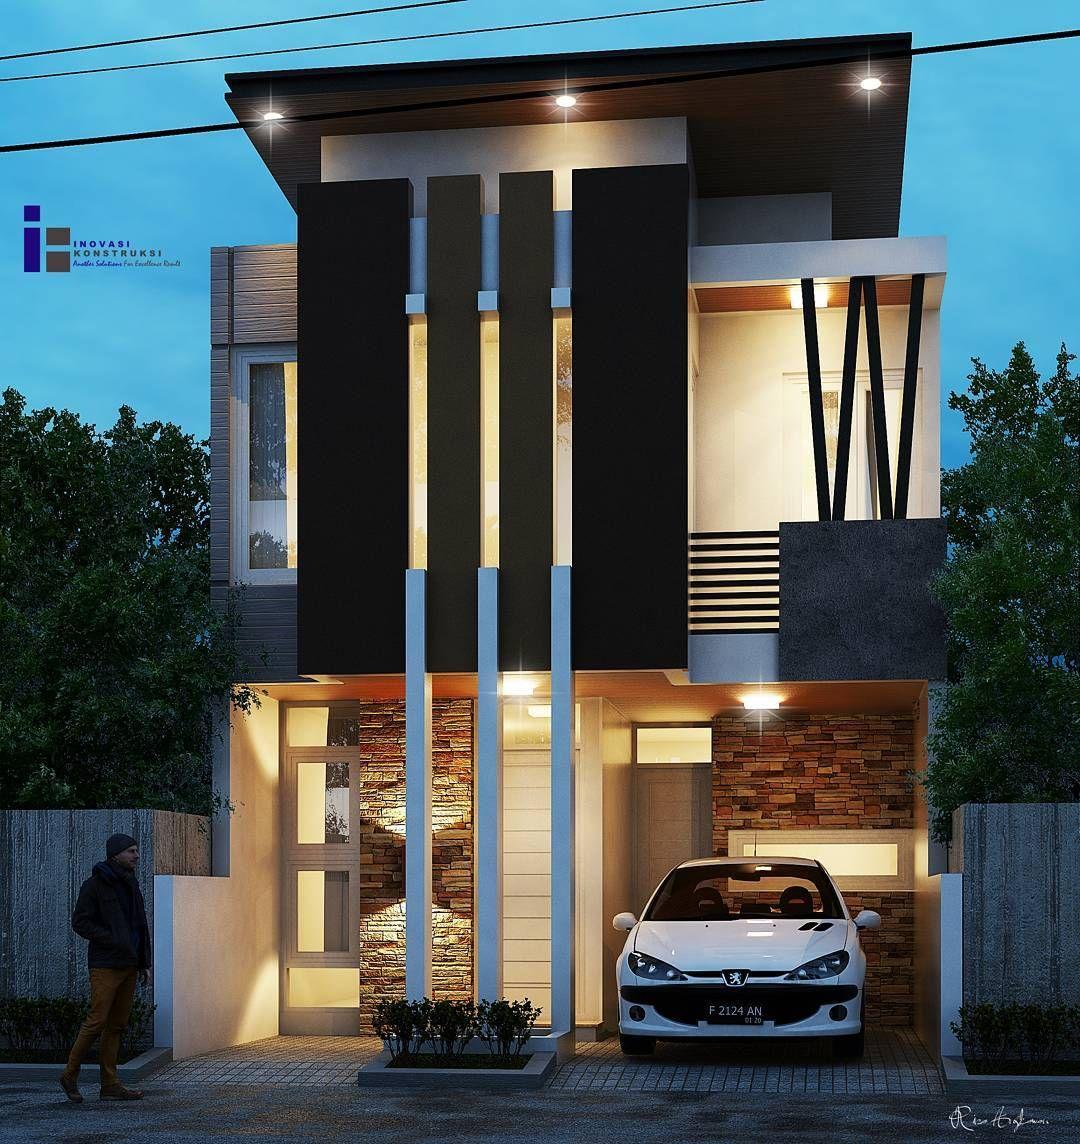 Desain Rumah Minimalis Modern 2 Lantai Bunglows House Design